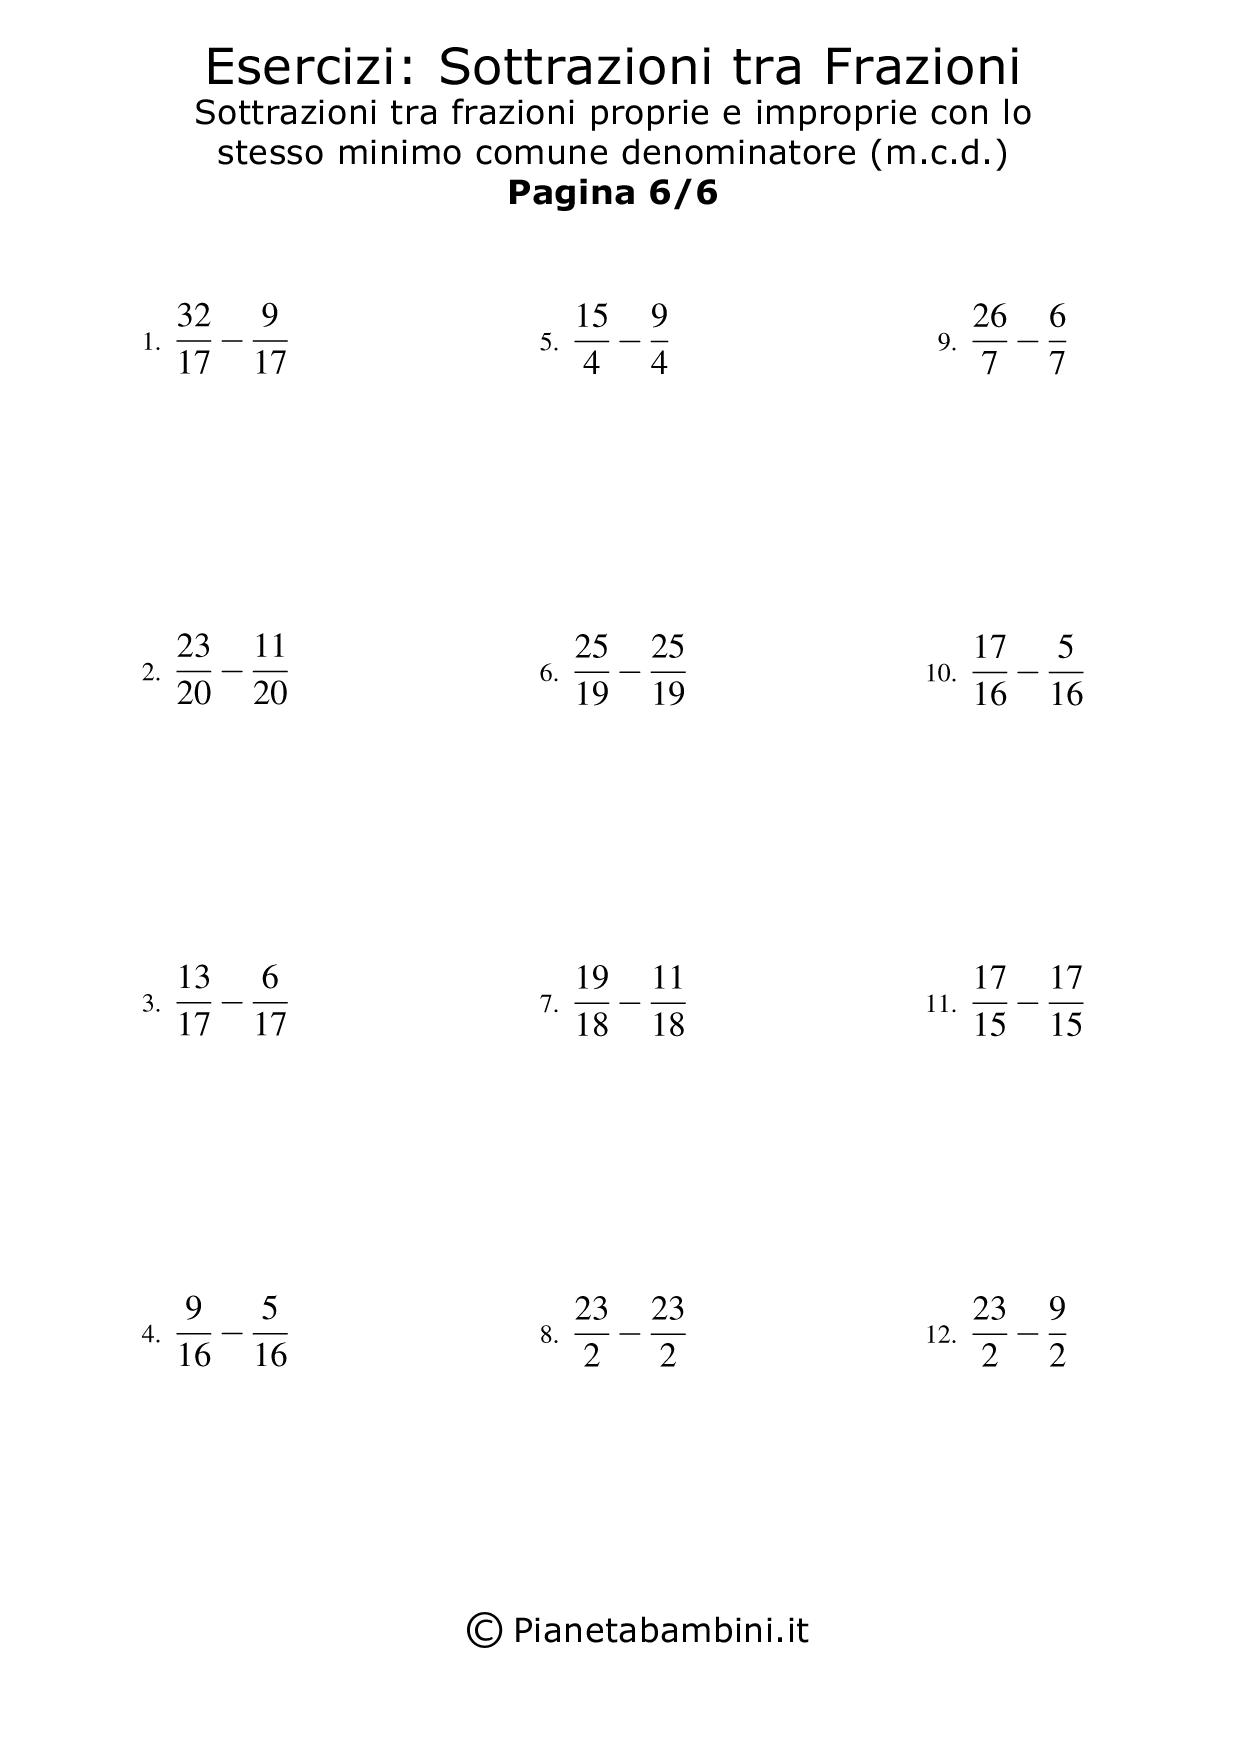 Sottrazioni-Frazioni-m.c.d.-Uguale_6